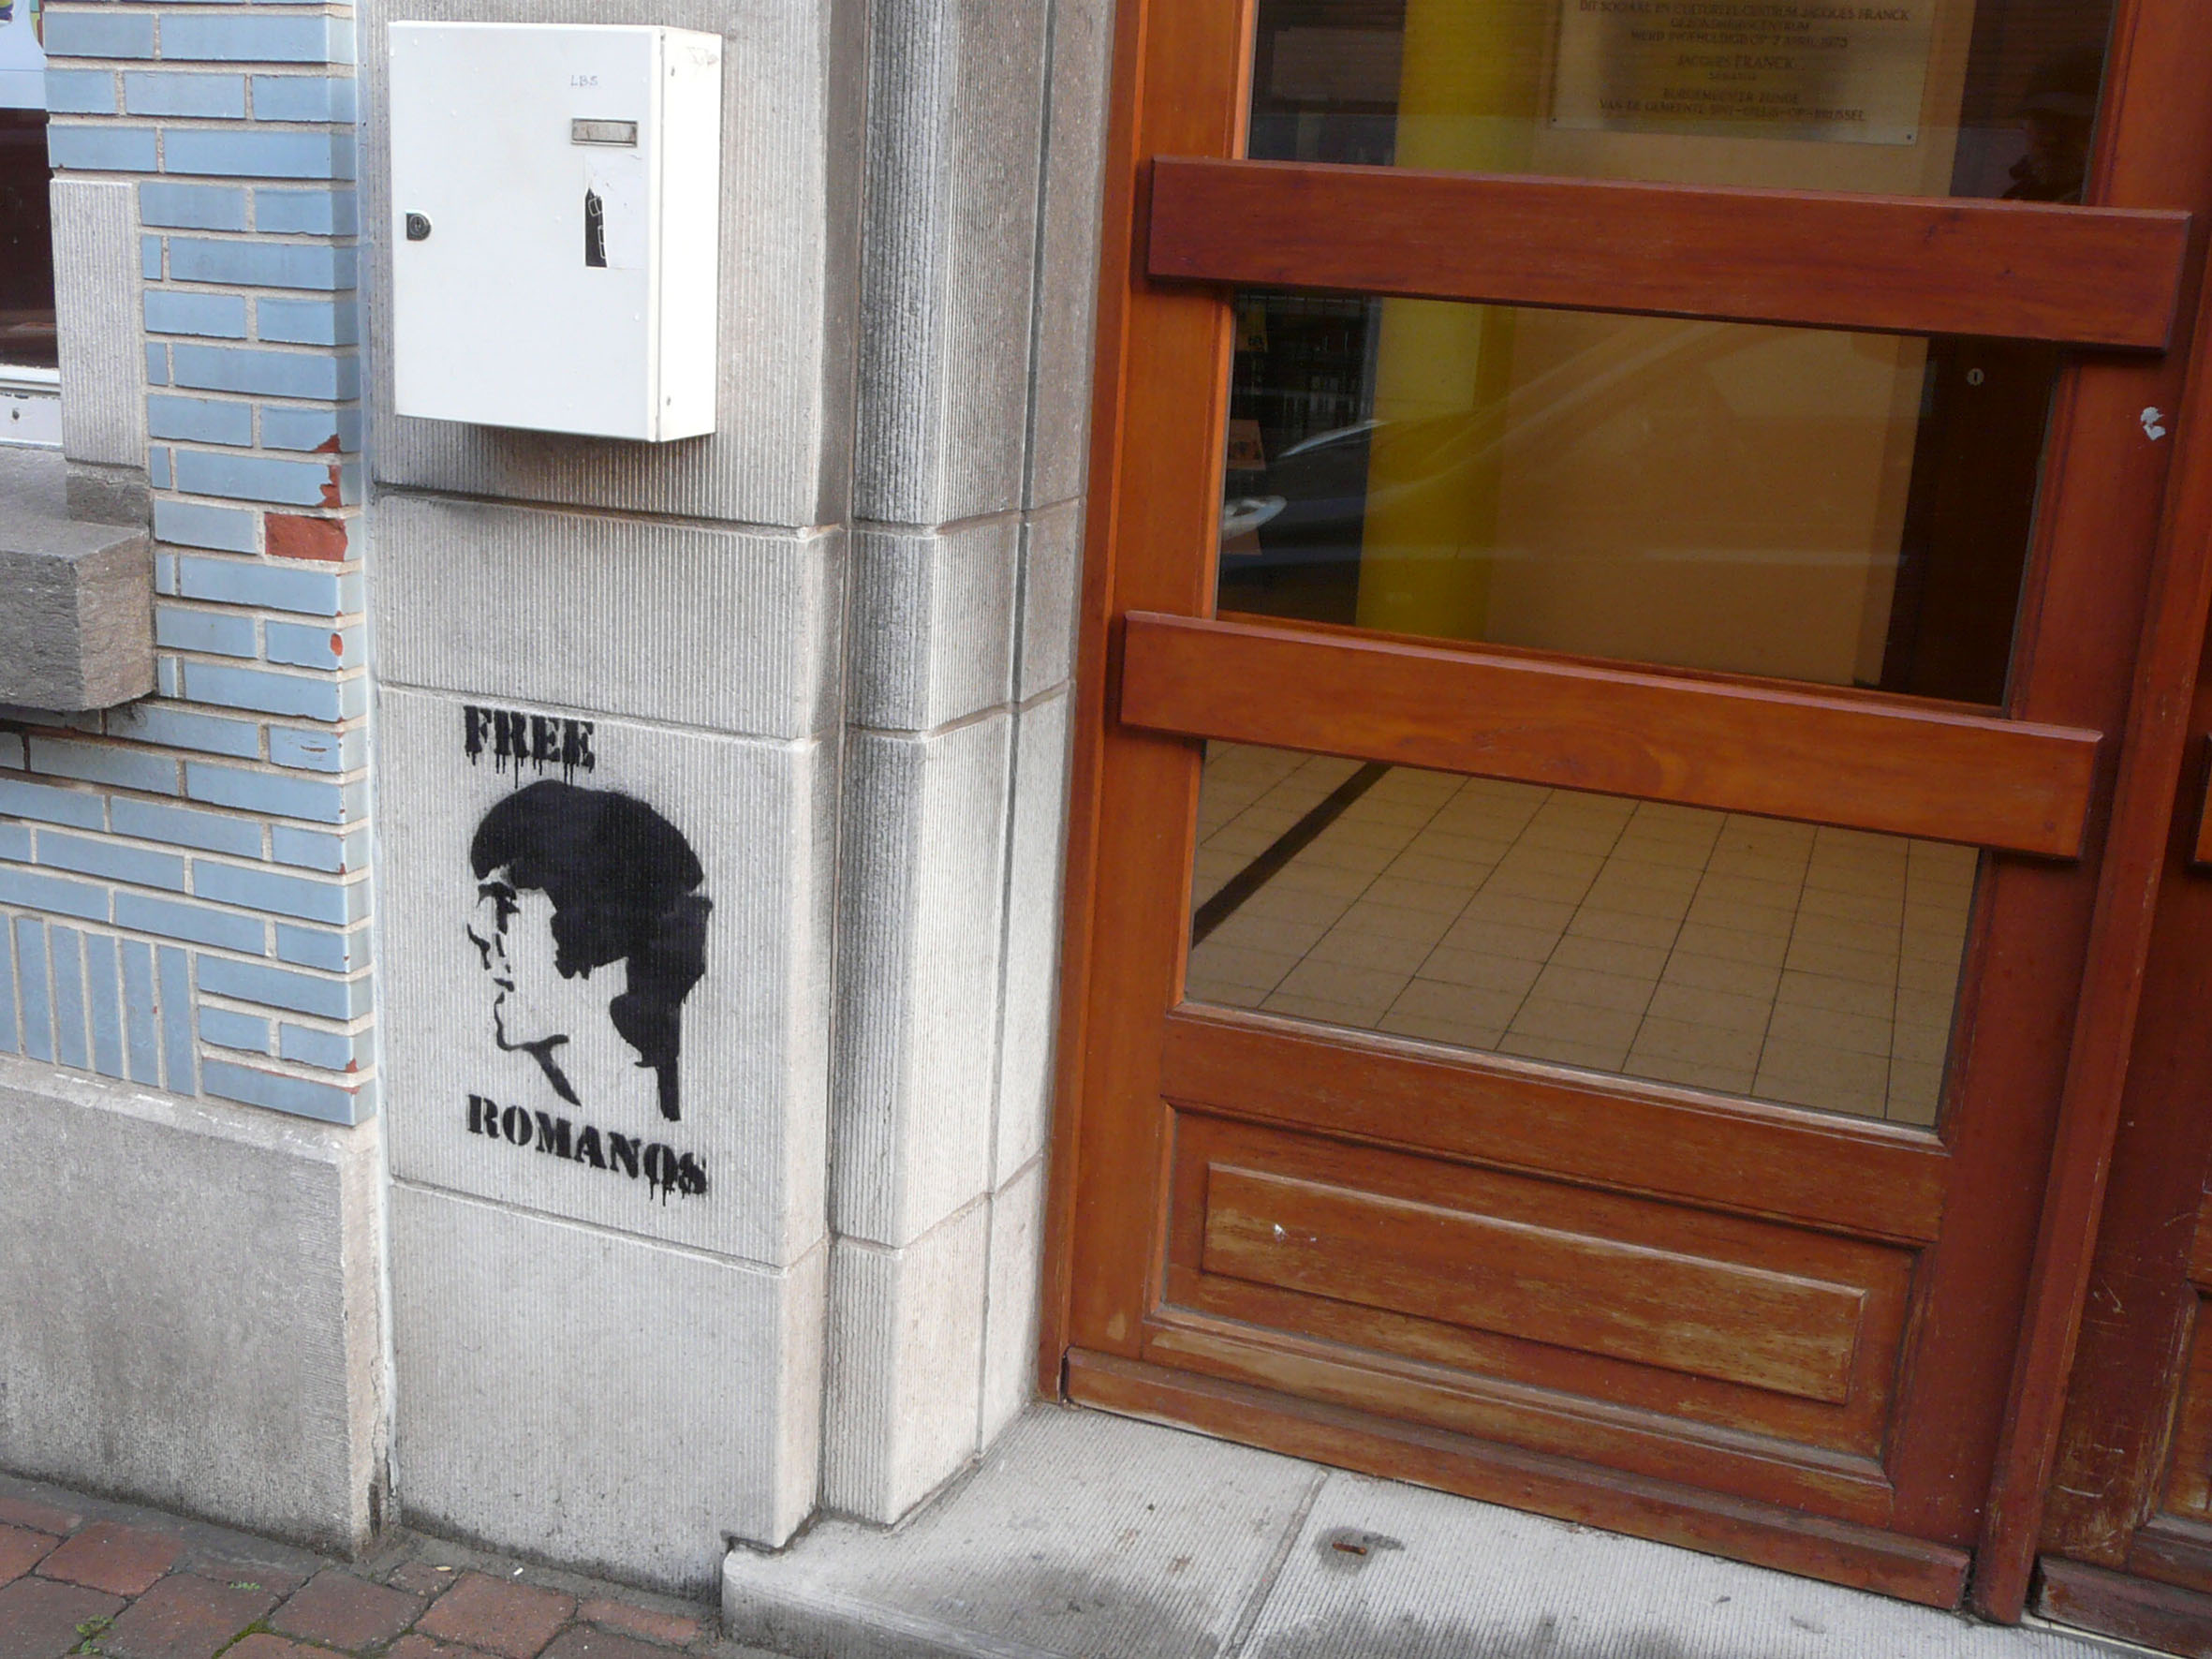 Tag de solidarité avec Romanos à Bruxelles